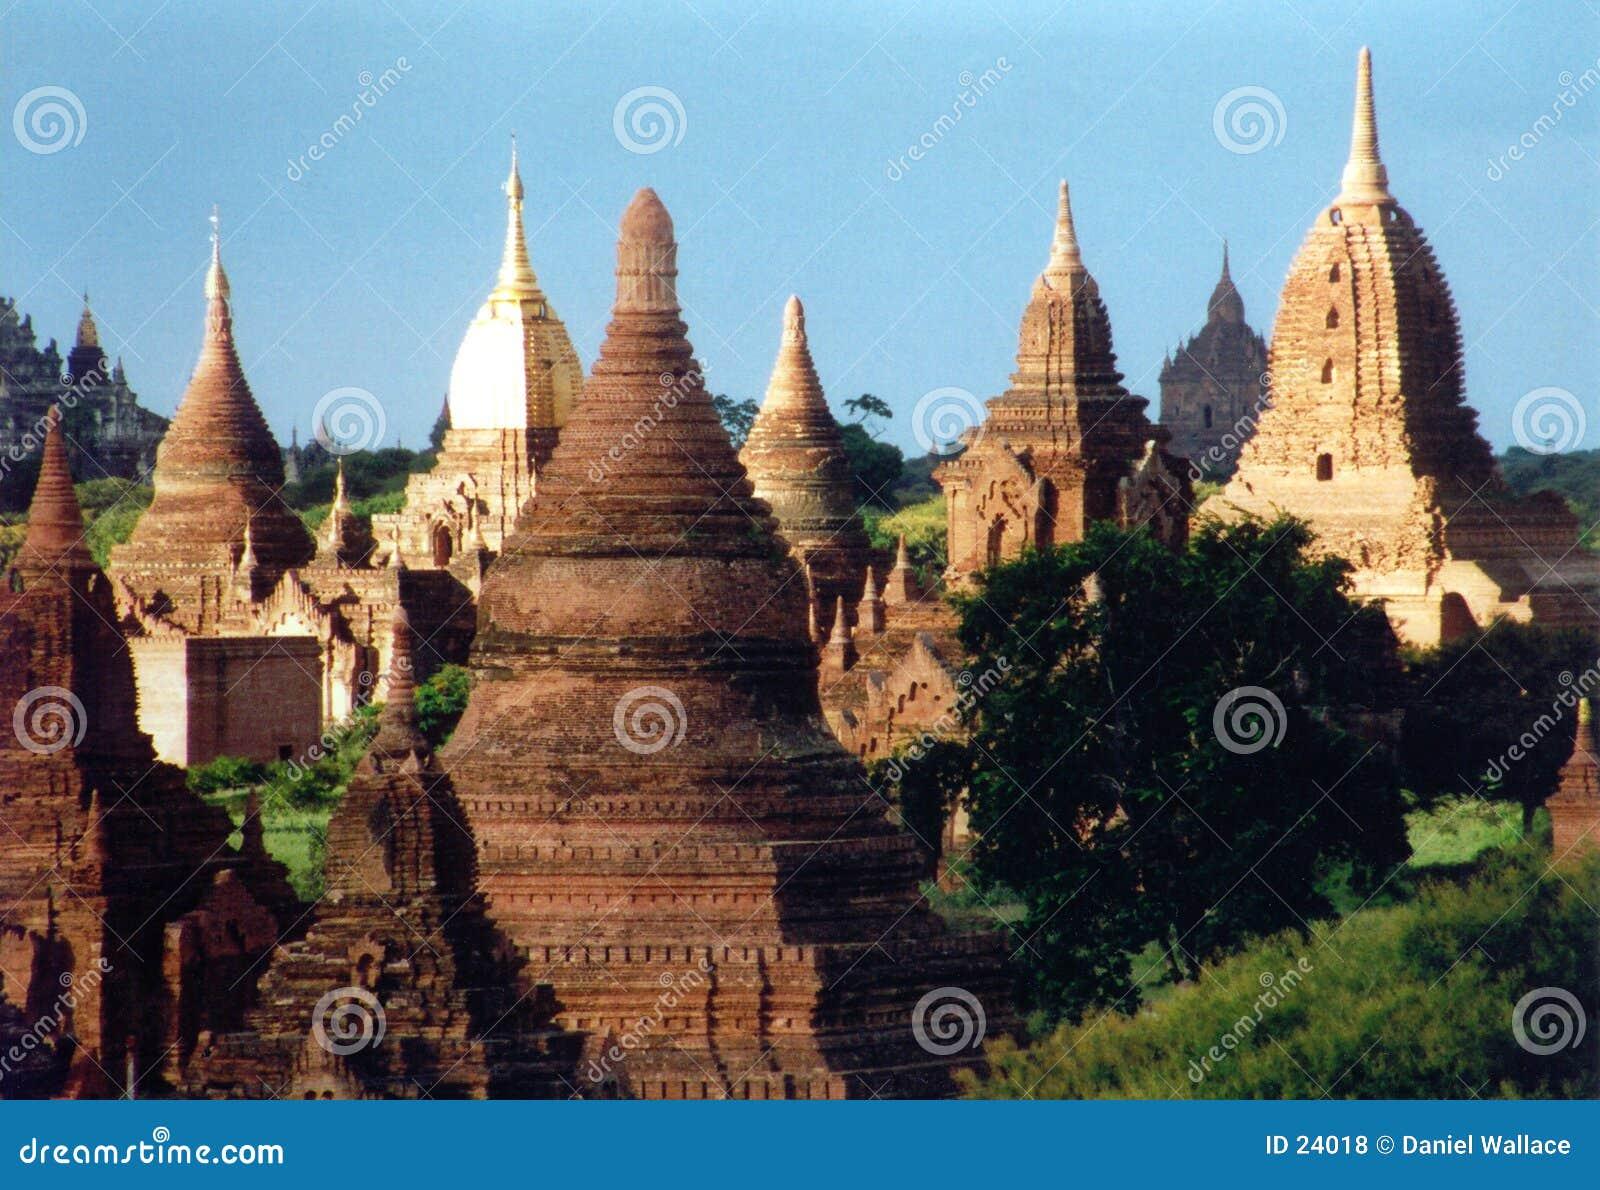 Ruins of Bagan